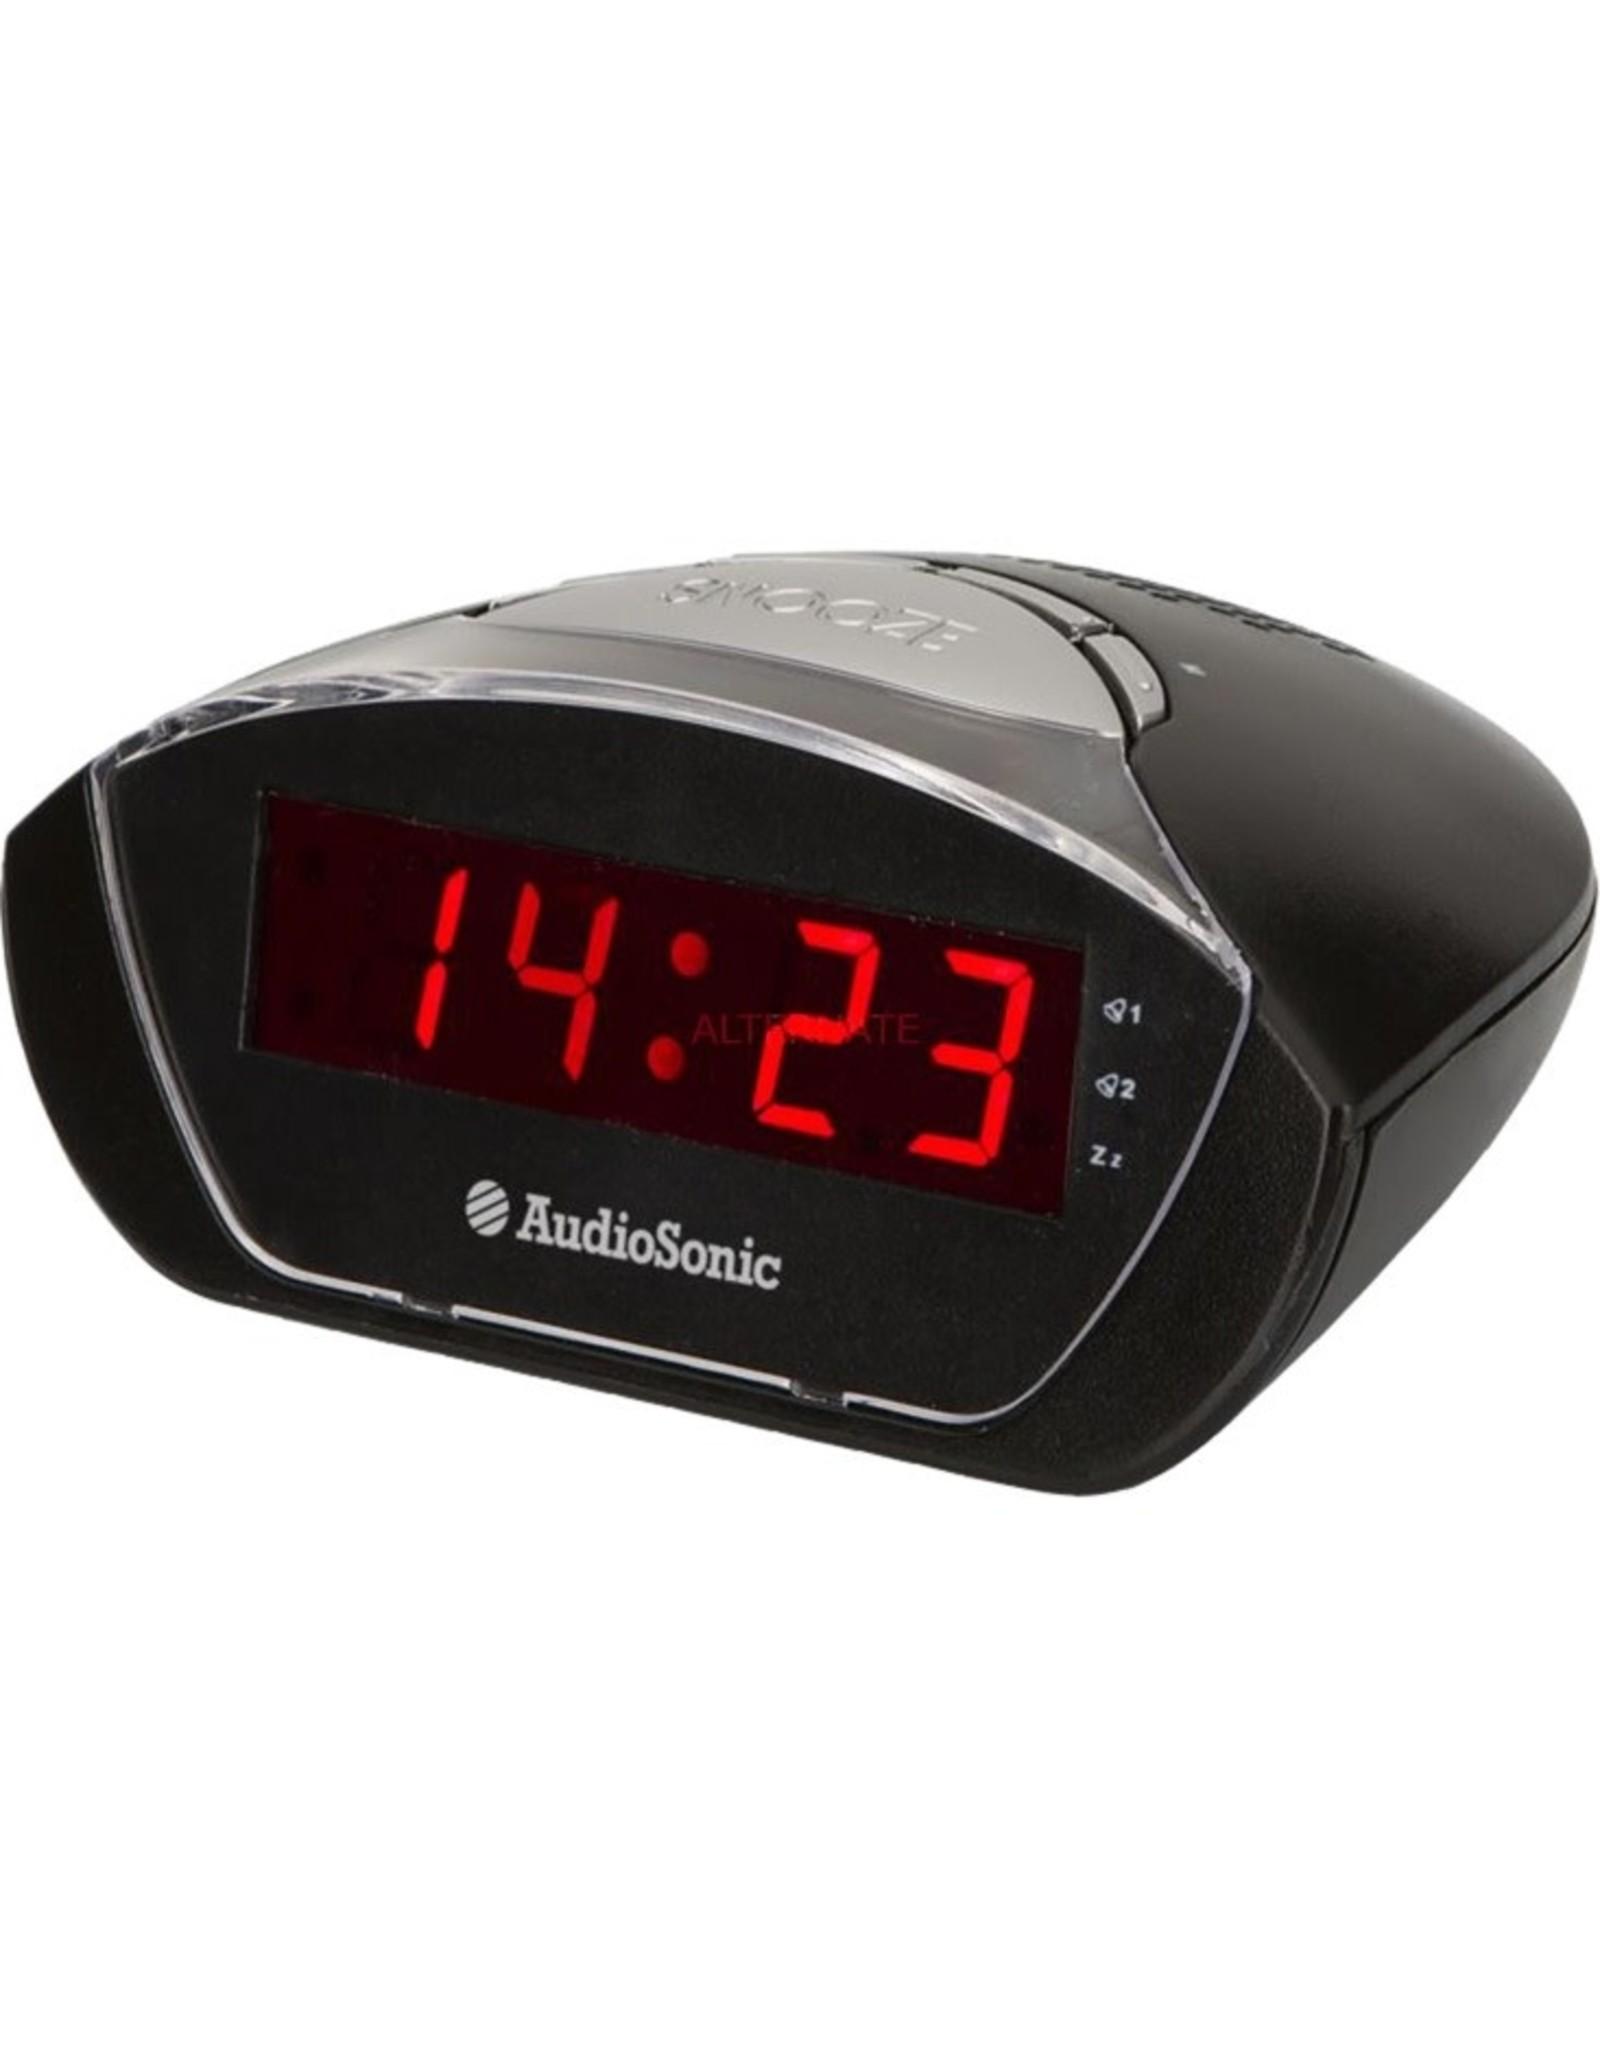 AUDIOSONIC AudioSonic CL-1458 Wekker